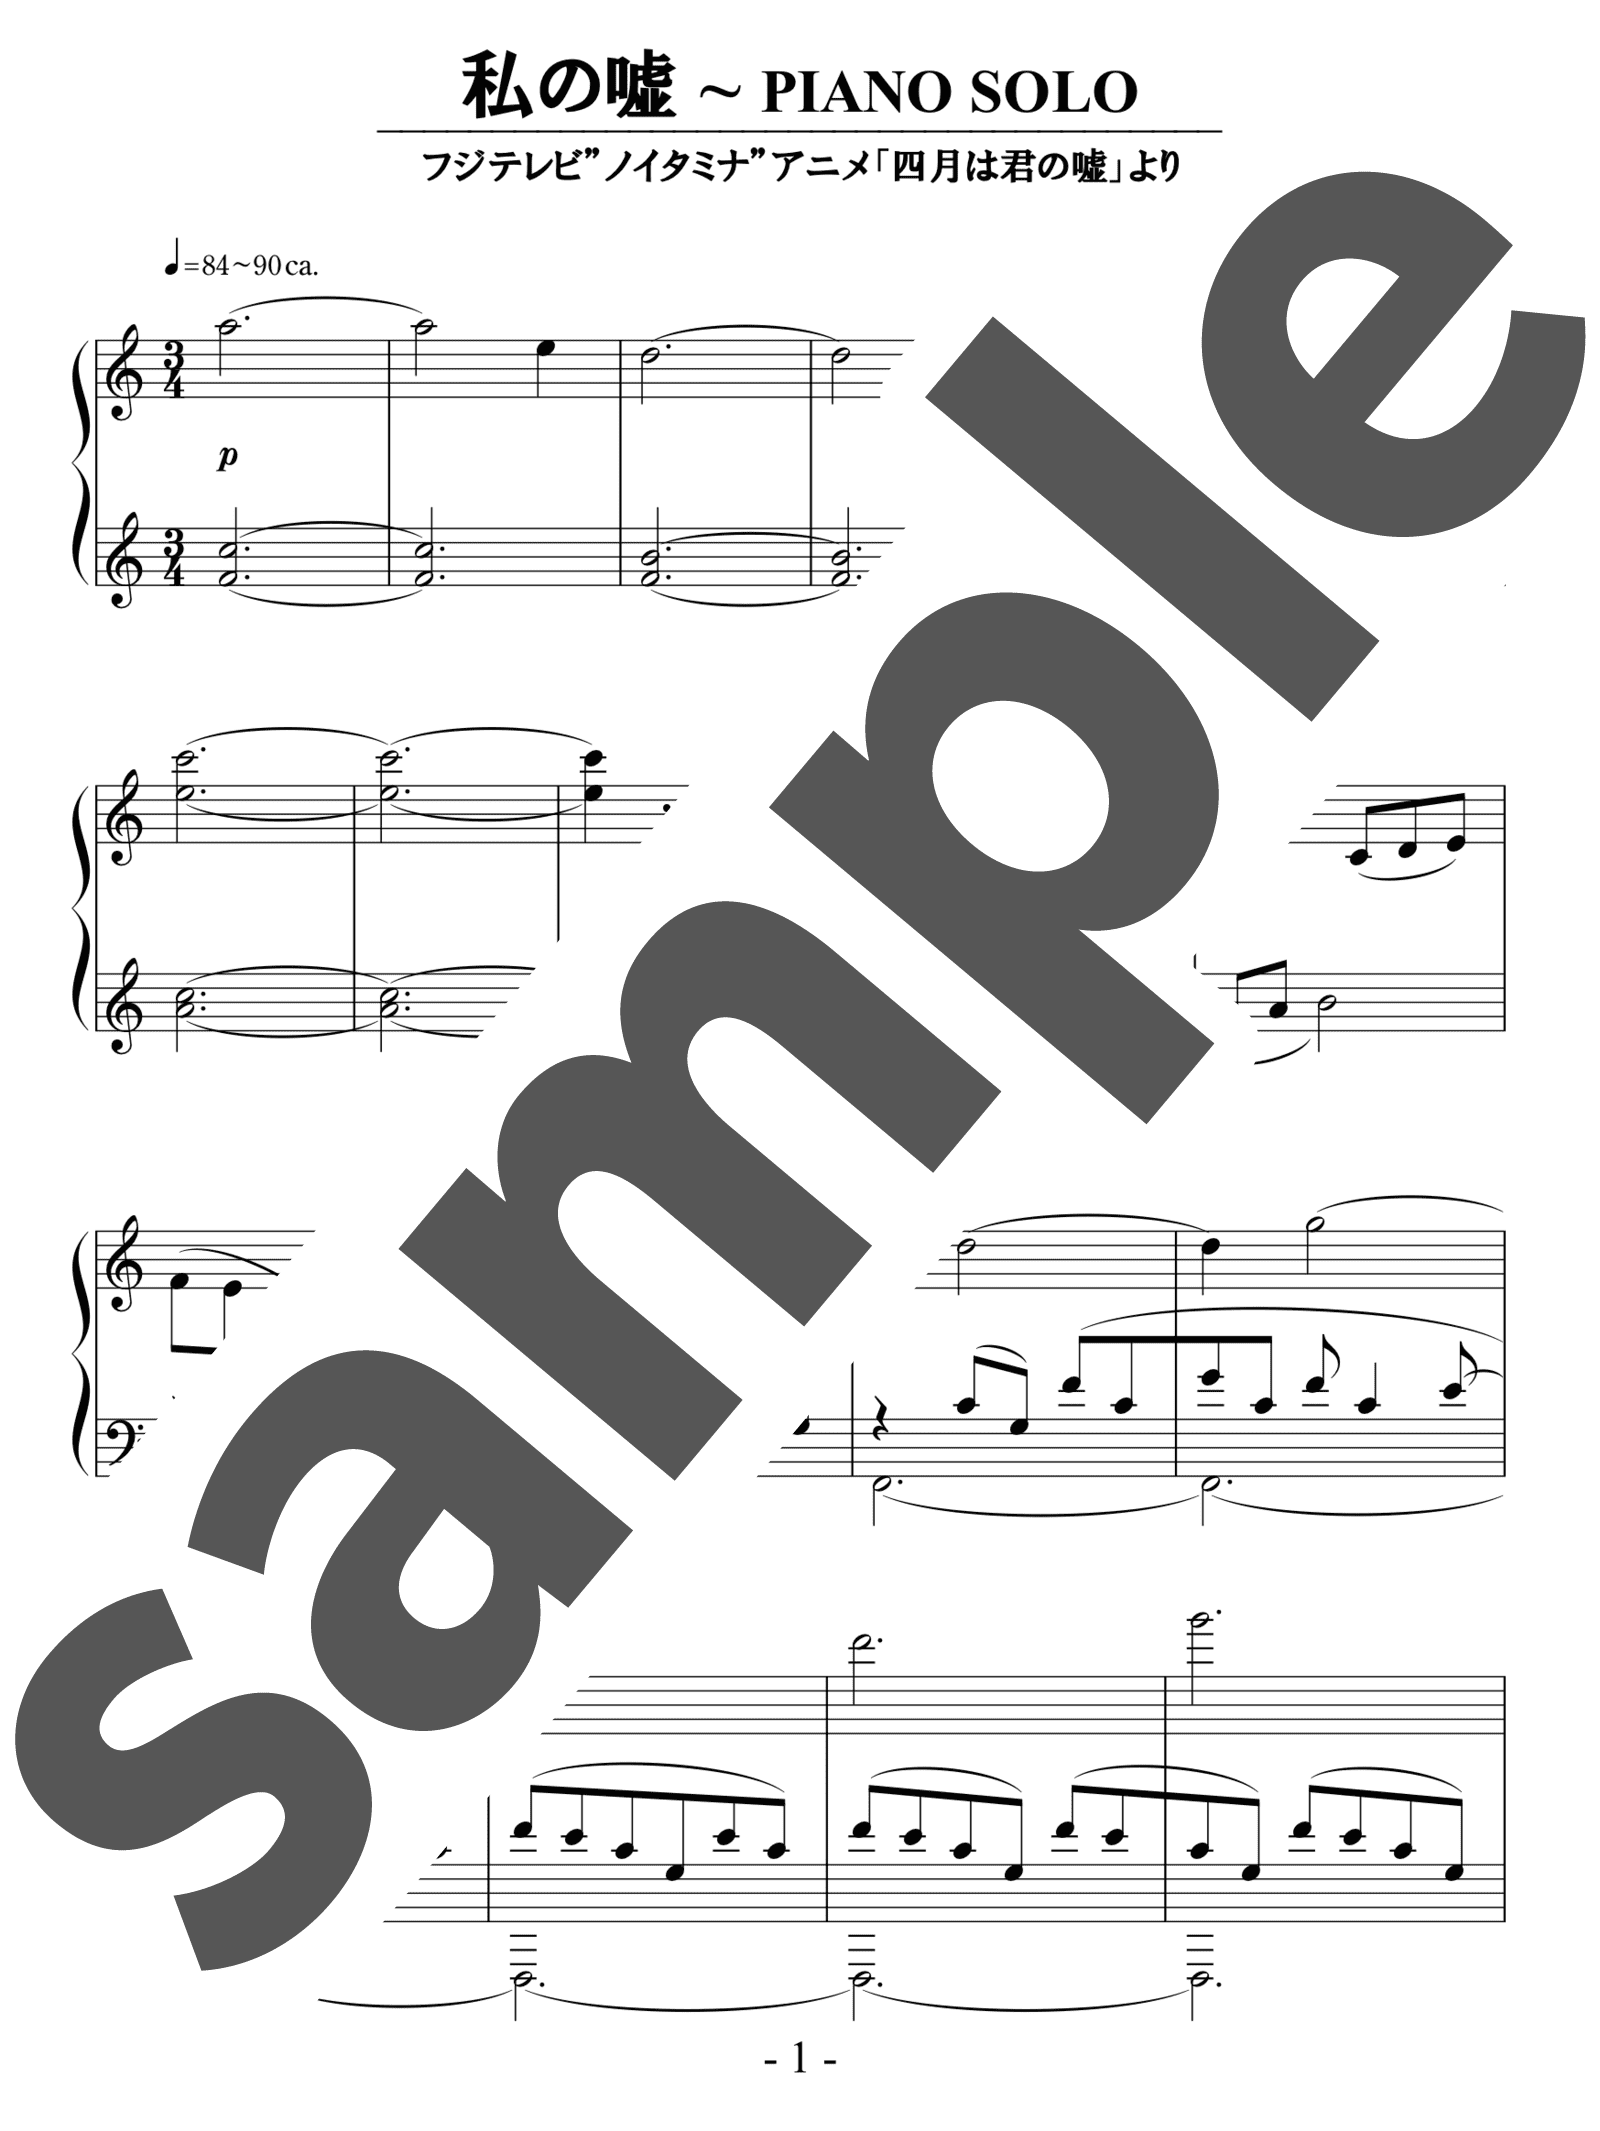 「私の嘘~PianoSolo」のサンプル楽譜